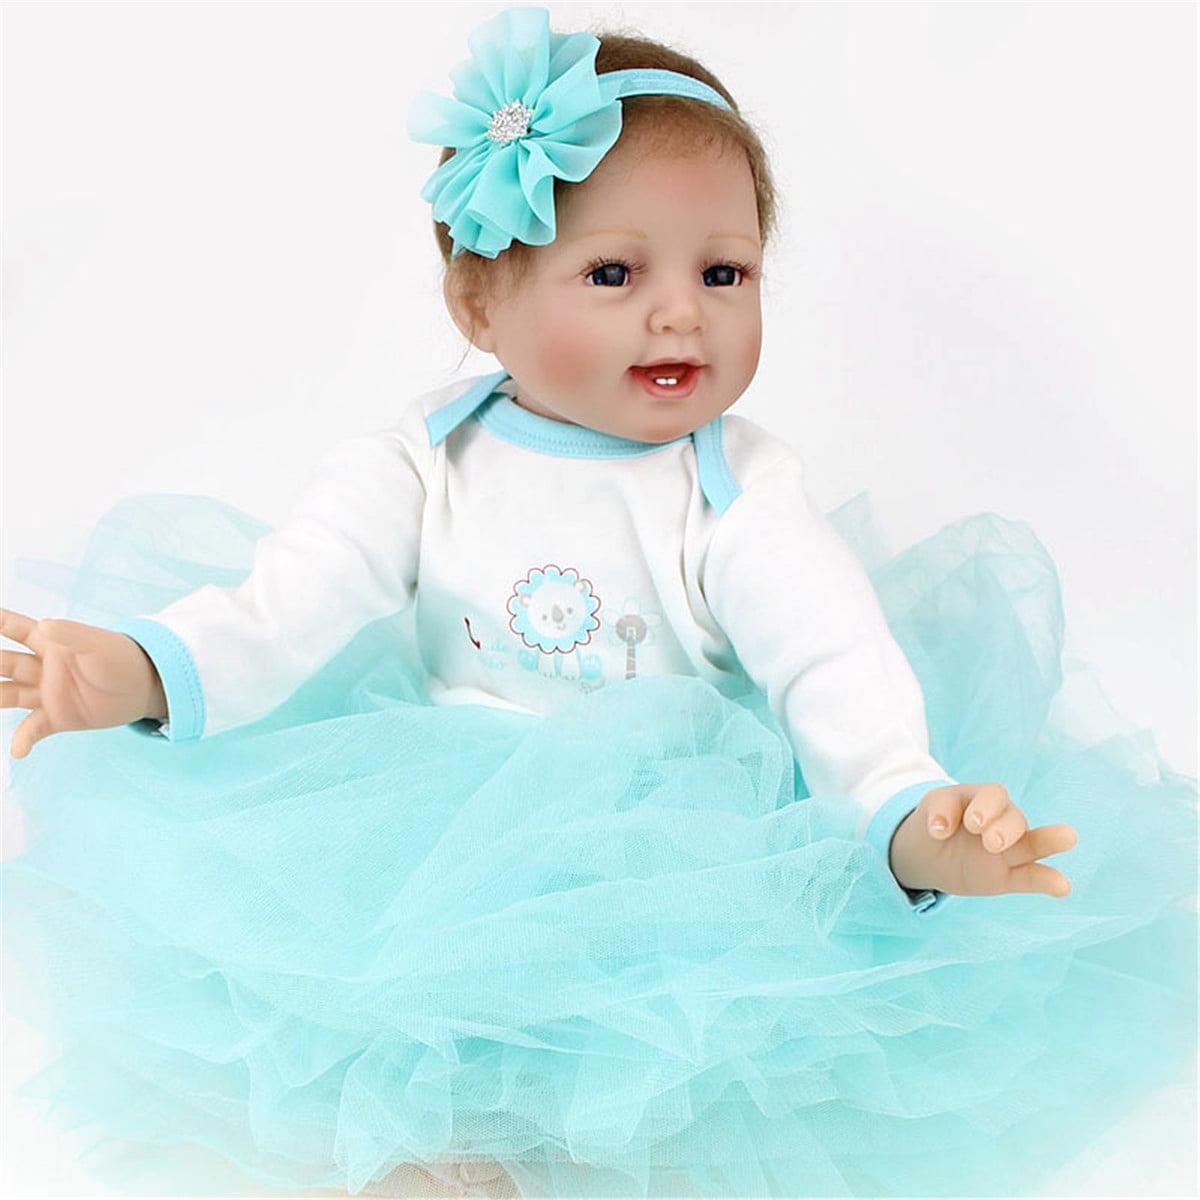 """Dress 22/"""" Handmade Vinyl Silicone Reborn Baby Dolls Lifelike Girl Doll Toddler"""